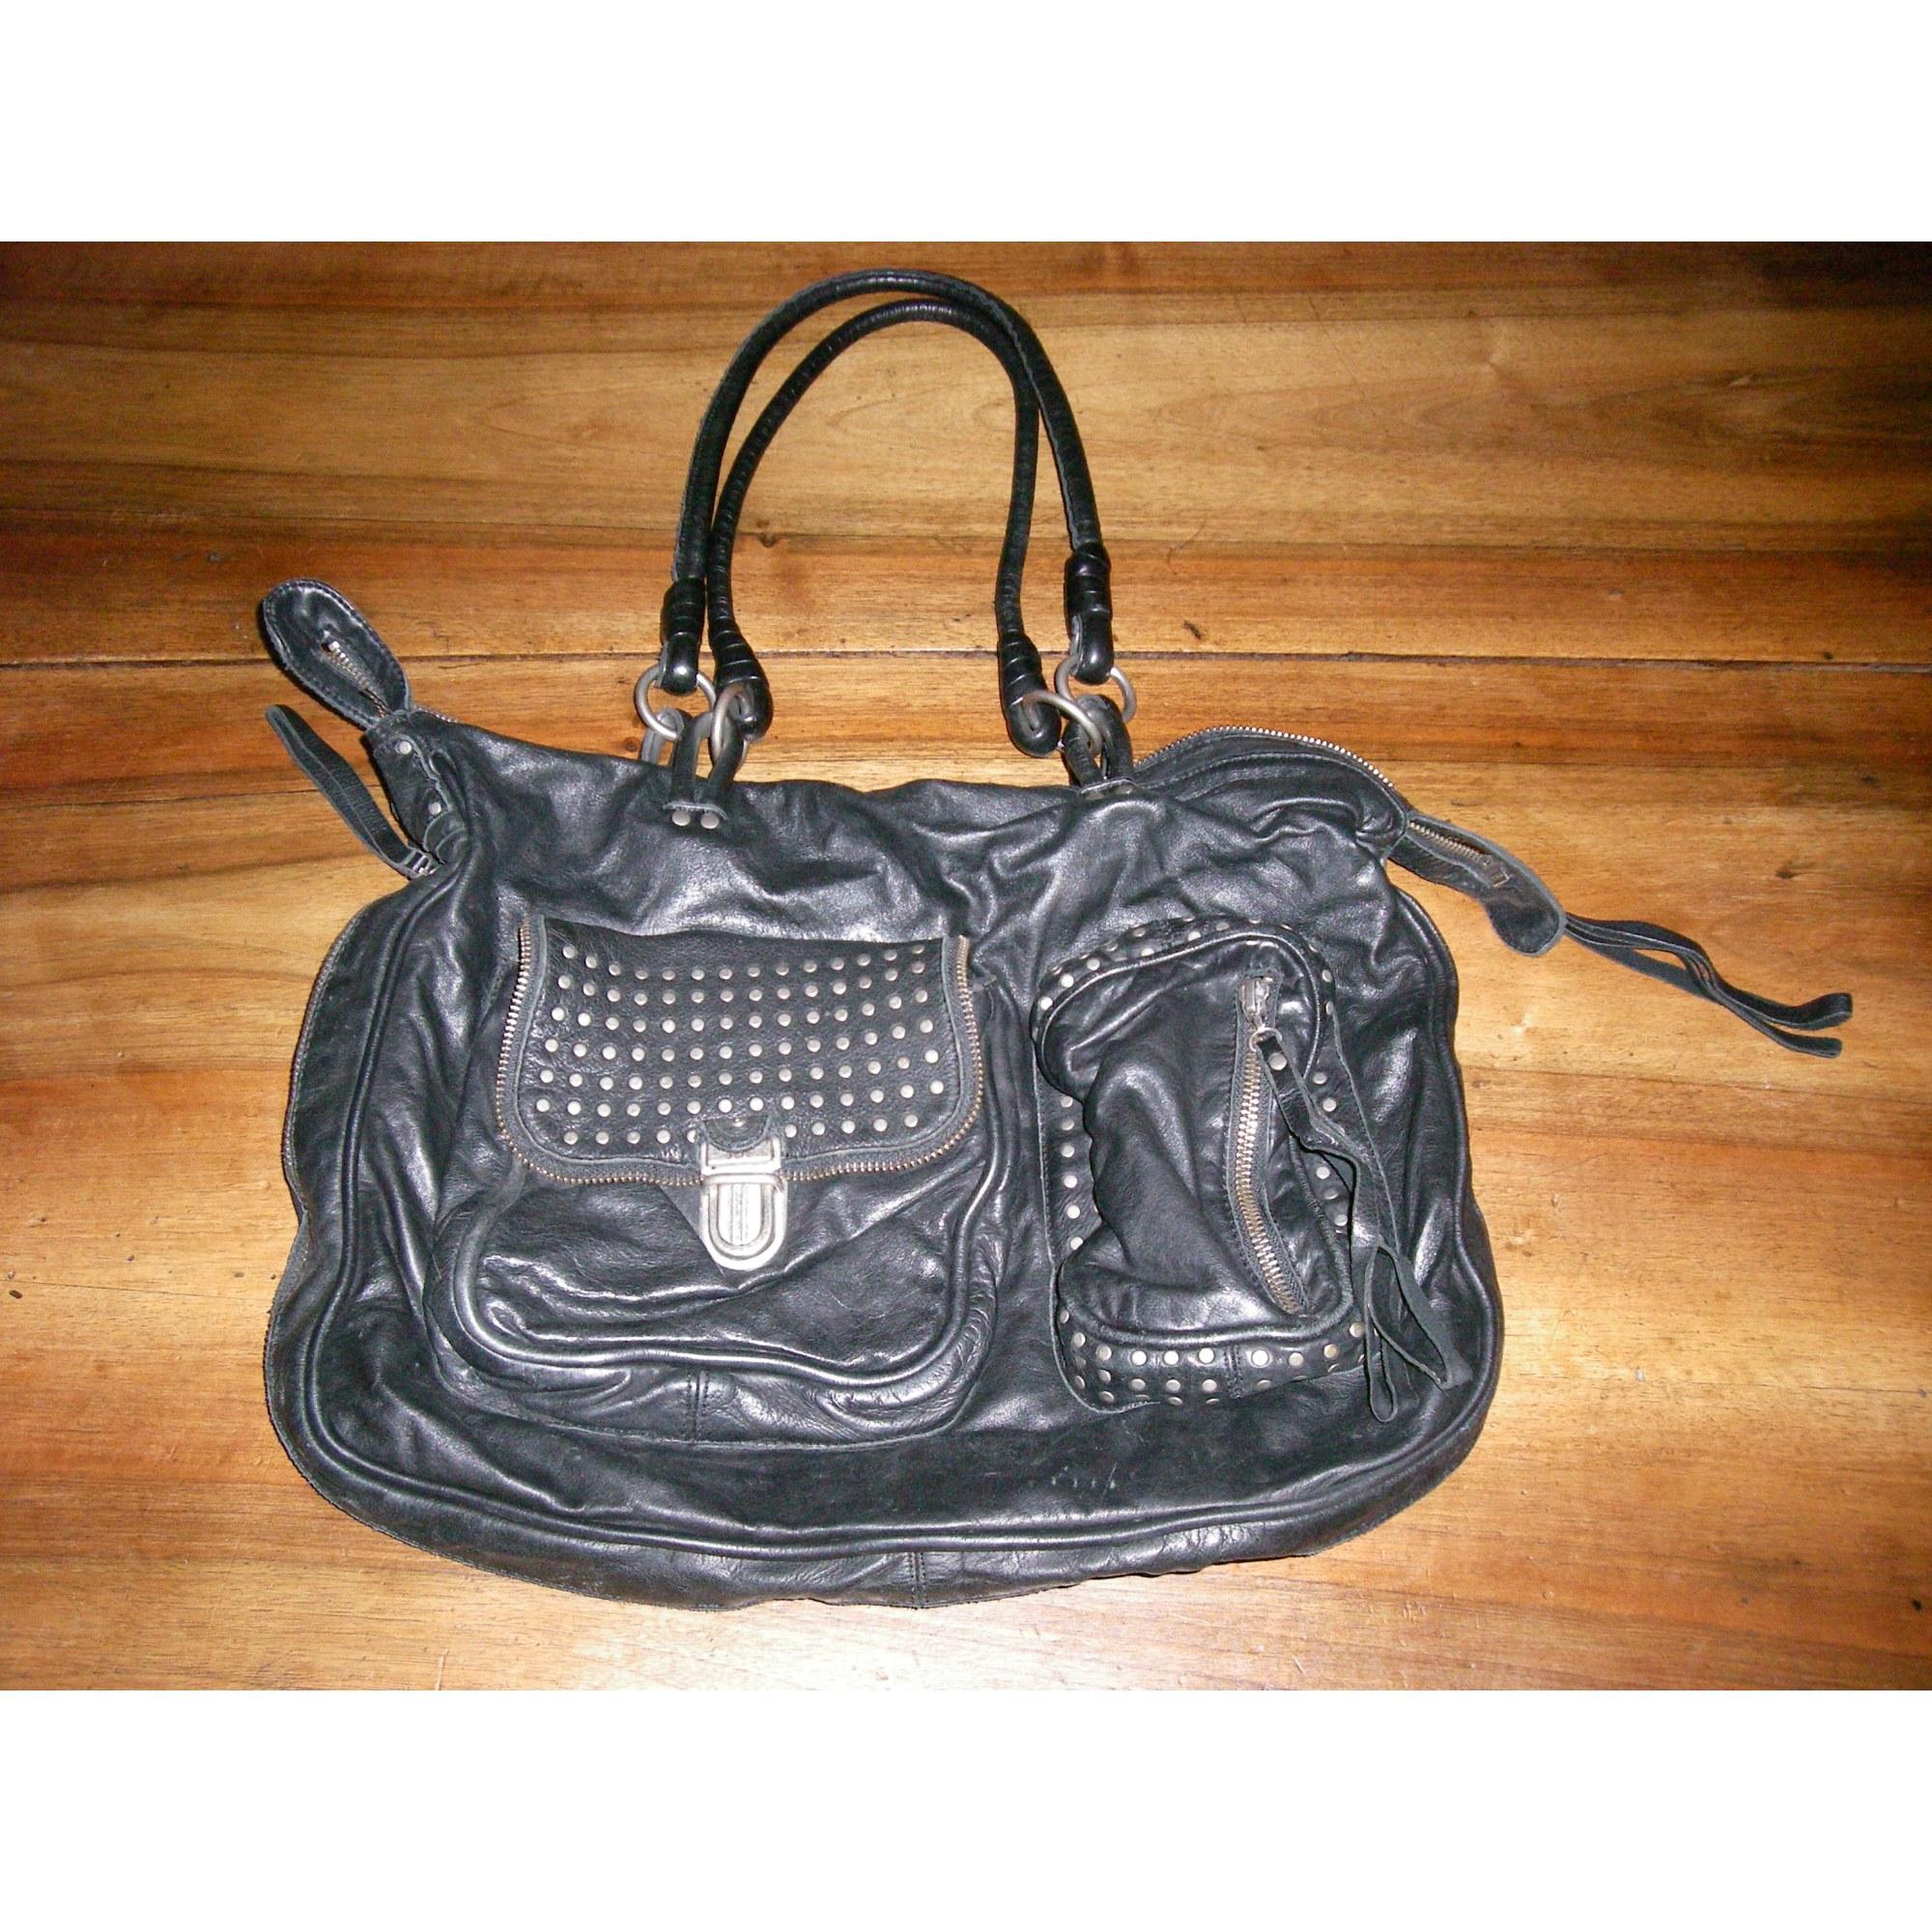 cabd1088f3 Sac à main en cuir IKKS noir vendu par Miss-candy11792 - 731849